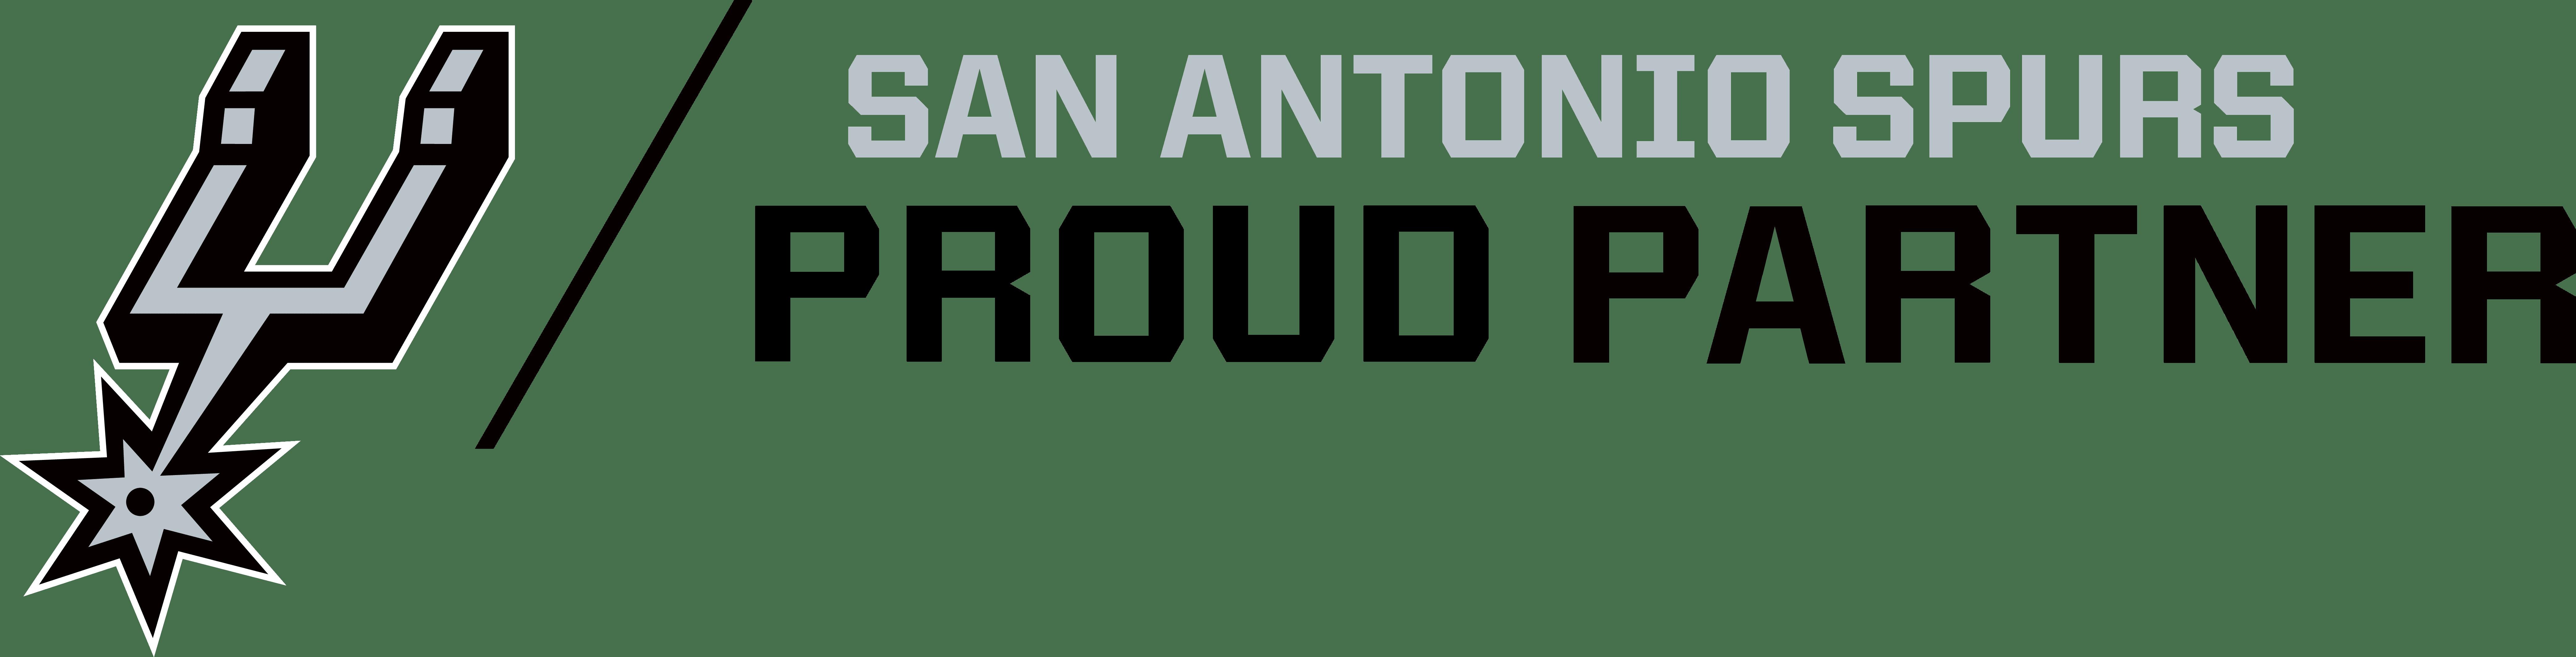 Official partner of the San Antonio Spurs for Lockaway Storage in San Antonio, Texas